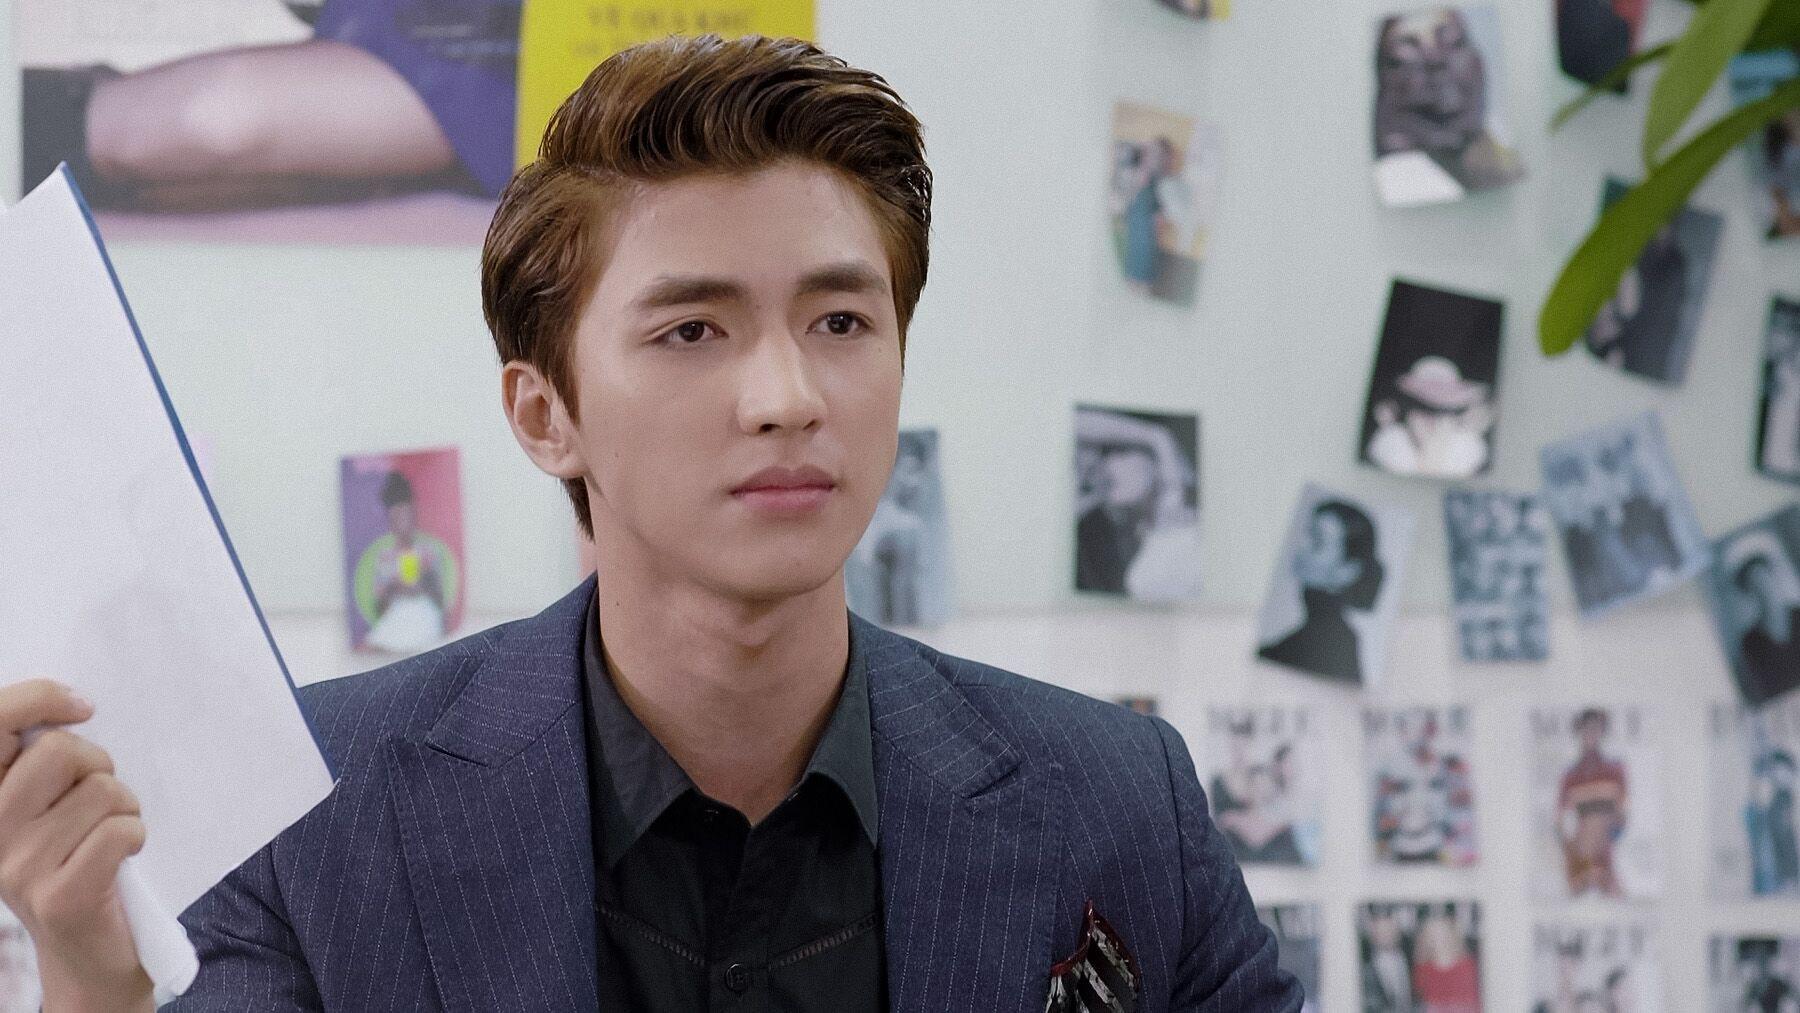 Muôn kiểu sếp siêu cấp khó nhằn trong phim Việt khiến nhân viên sợ khiếp vía - Ảnh 5.